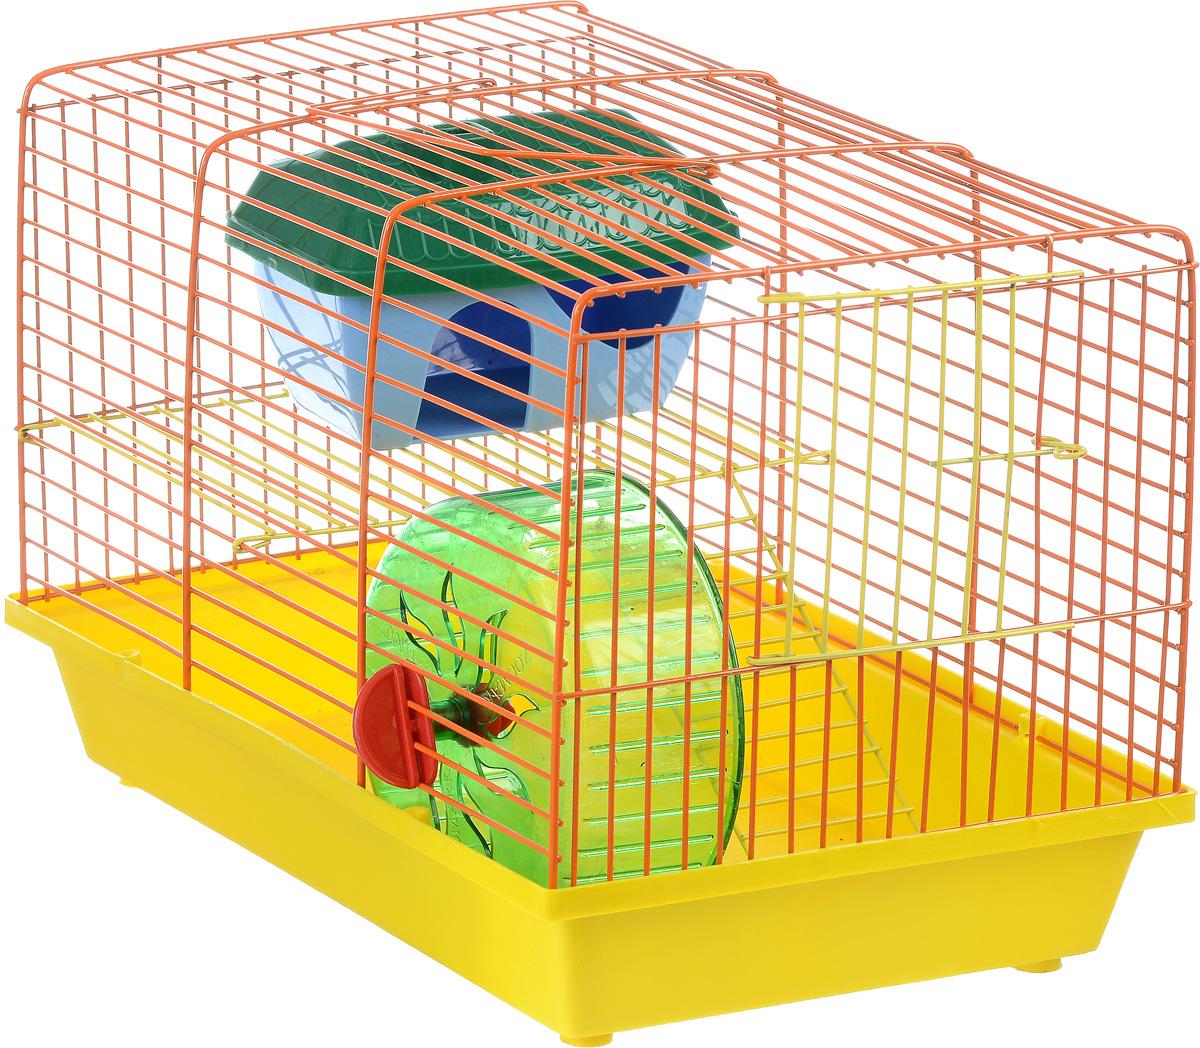 Клетка для грызунов ЗооМарк, 2-этажная, цвет: желтый поддон, оранжевая решетка, желтый этаж, 36 х 22 х 24 см125_желтый, оранжевыйКлетка ЗооМарк, выполненная из полипропилена и металла, подходит для мелких грызунов. Изделие двухэтажное, оборудовано колесом для подвижных игр и пластиковым домиком. Клетка имеет яркий поддон, удобна в использовании и легко чистится. Сверху имеется ручка для переноски, а сбоку удобная дверца. Такая клетка станет уединенным личным пространством и уютным домиком для маленького грызуна.